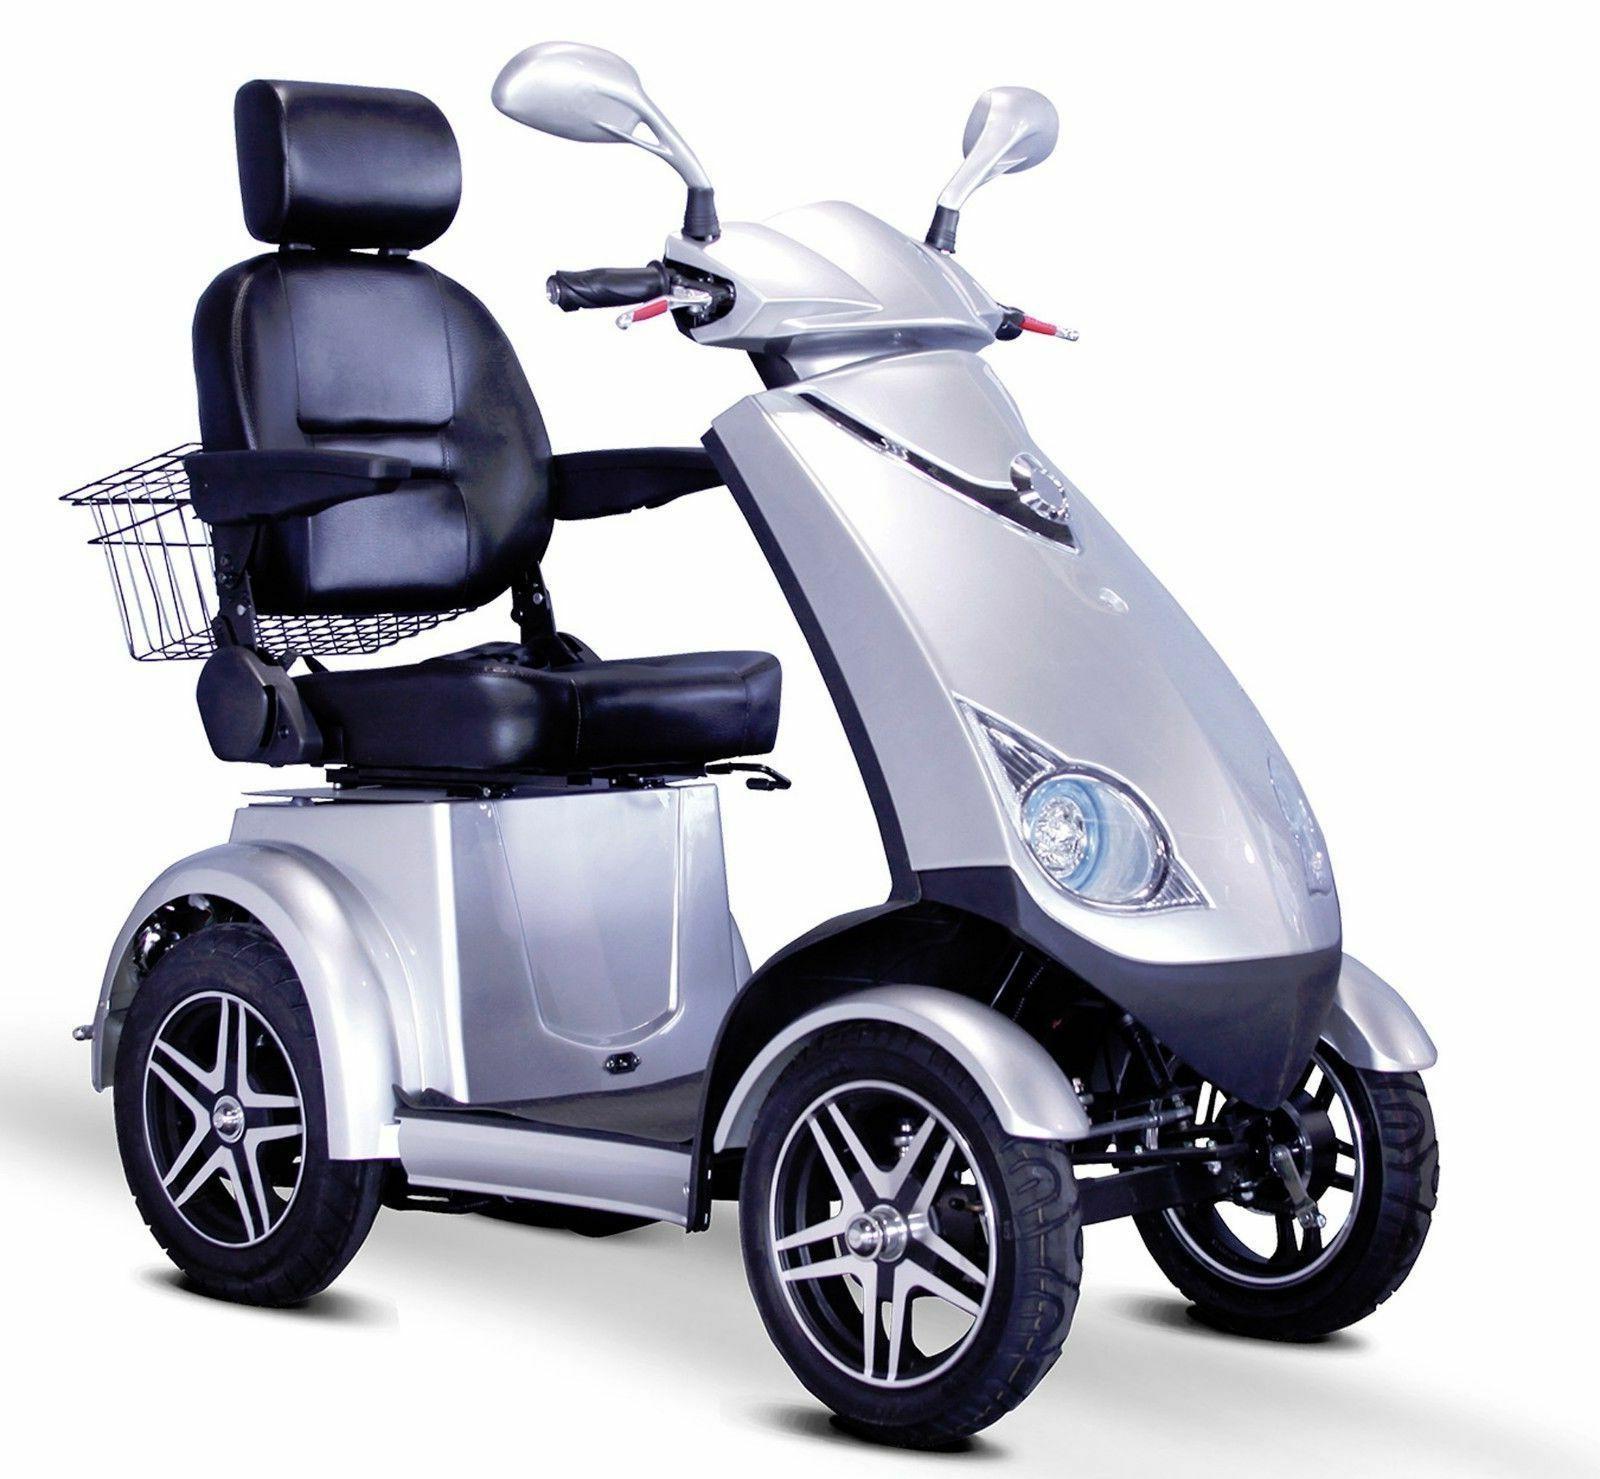 silver speedy ew 72 fast 4 wheel